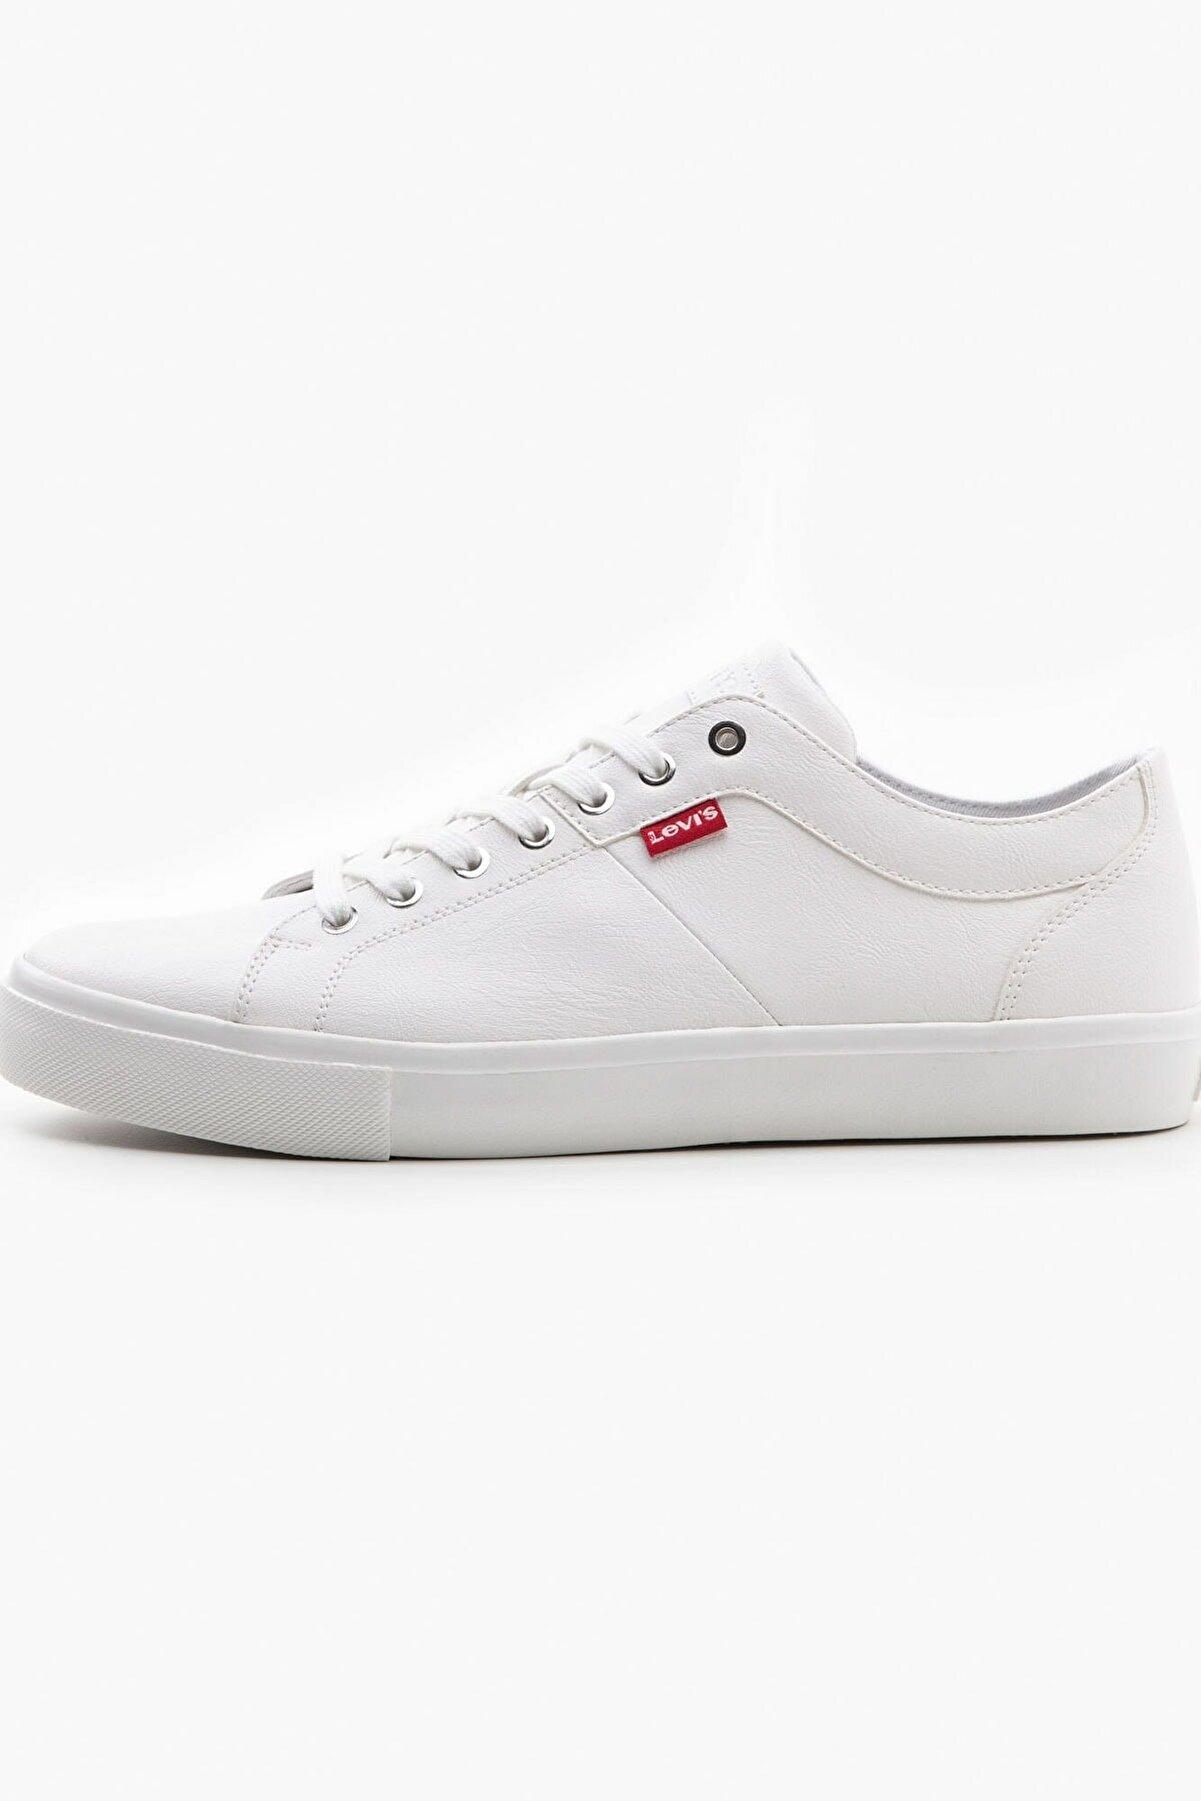 Levi's Erkek Woodward Erkek  Ayakkabı 3809915950